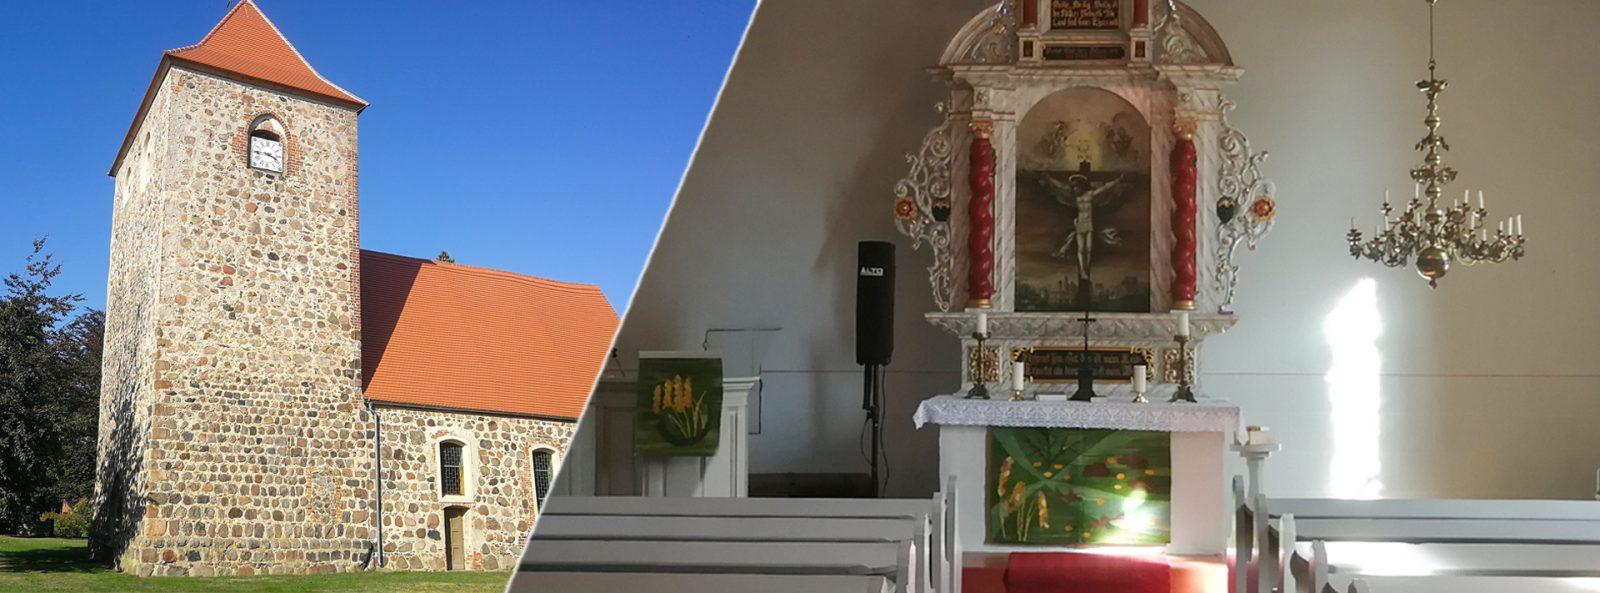 Kirchen und Klöster | Die historische Dorfkirche Kunow (Prignitz)